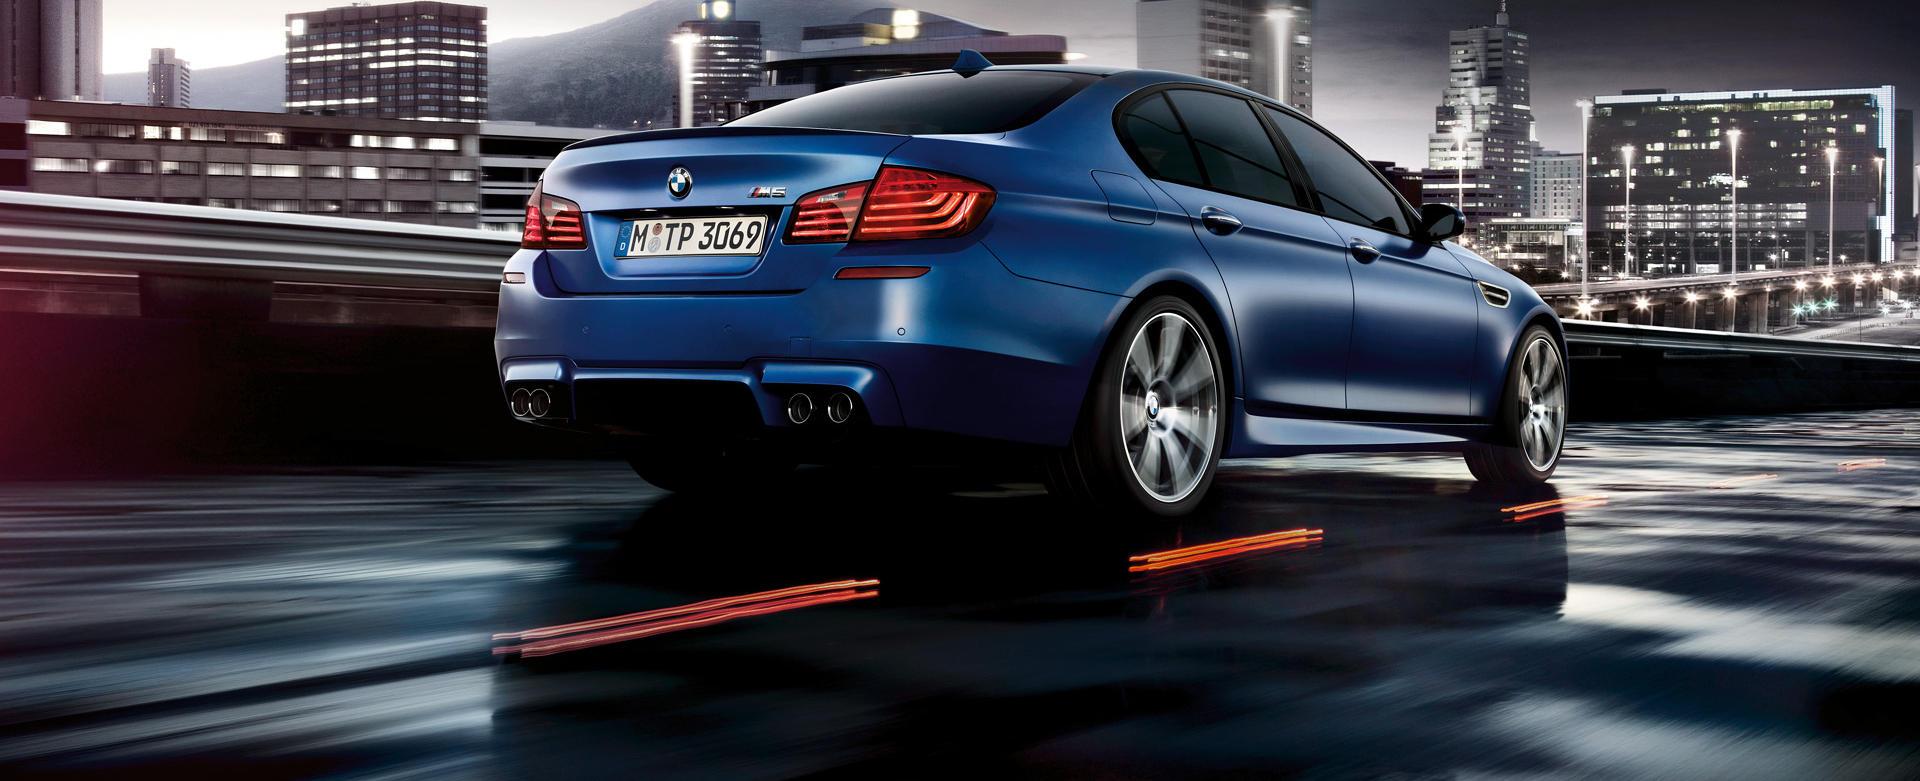 BMW_M5_Sedan_Wallpaper_1920x1200_05